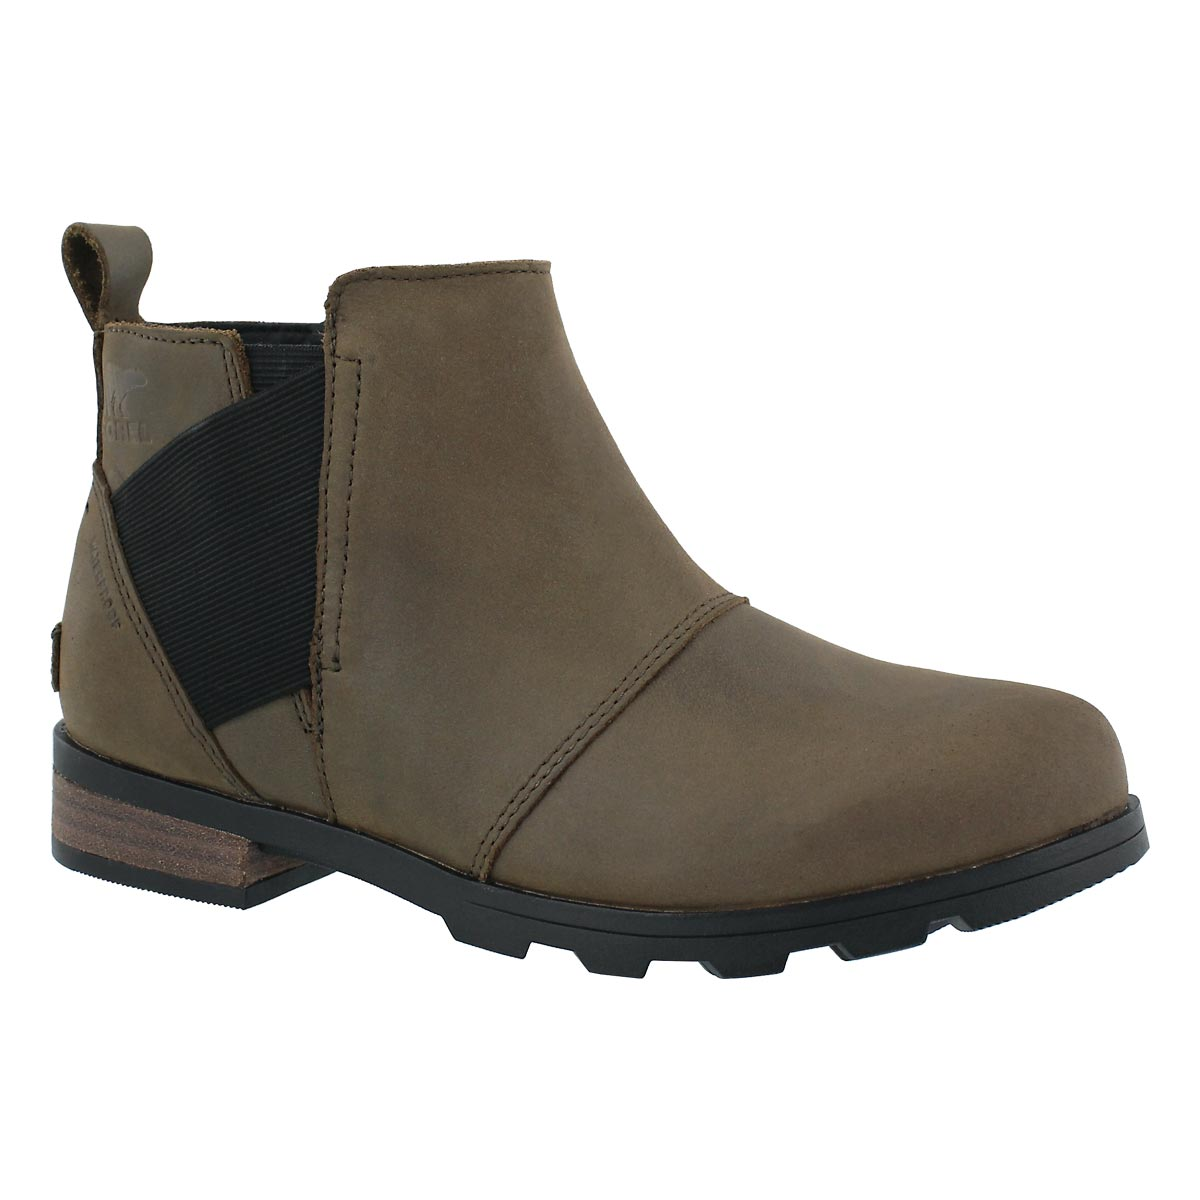 Women's EMELIE major/blk waterproof chelsea boots